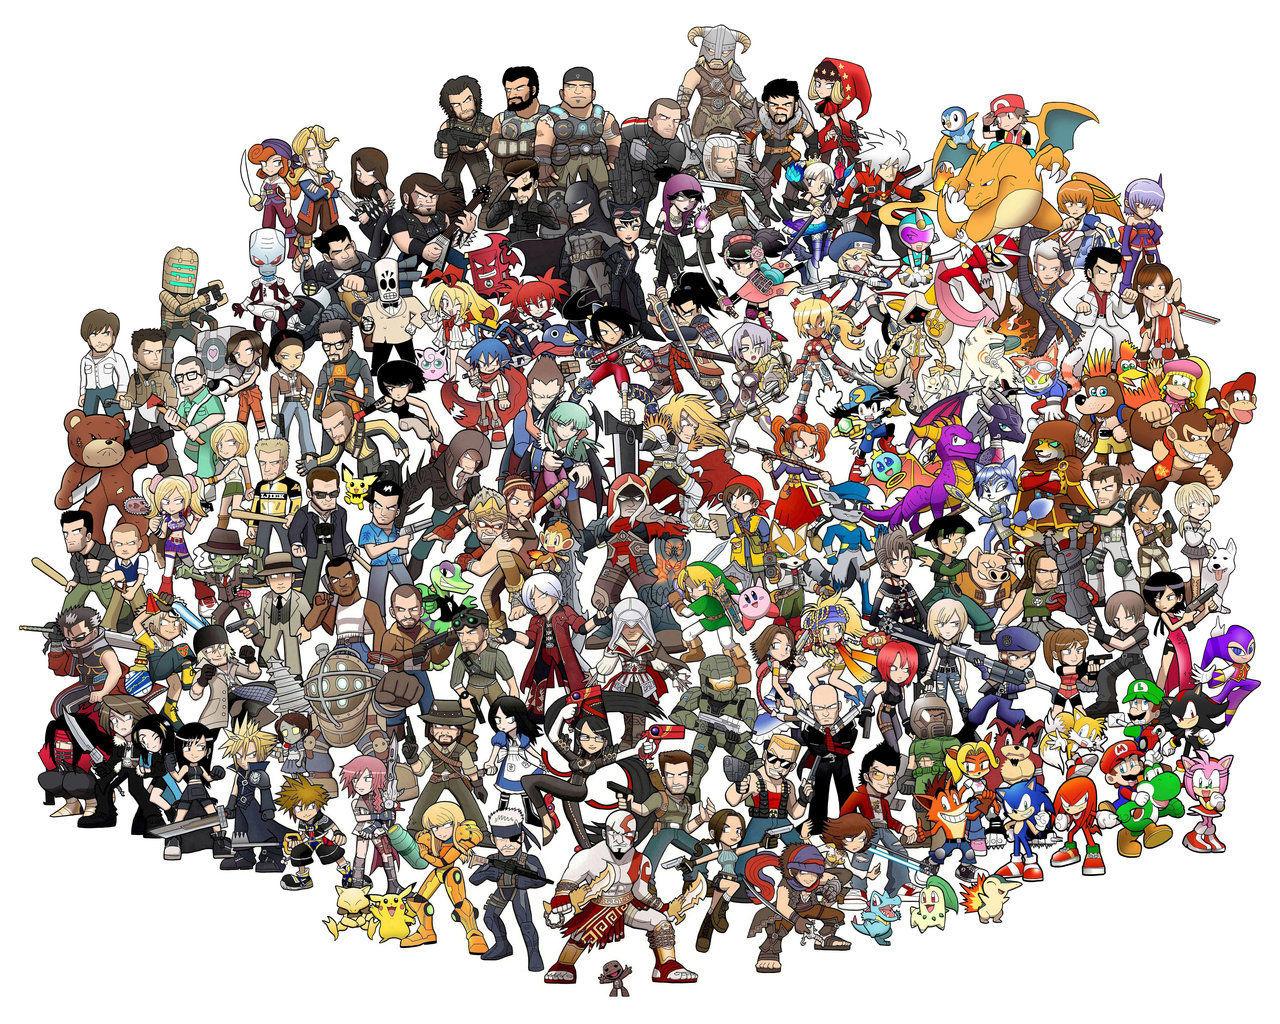 5809 - ¿Sabrías identificar a estos personajes de videojuegos por sus marcas?